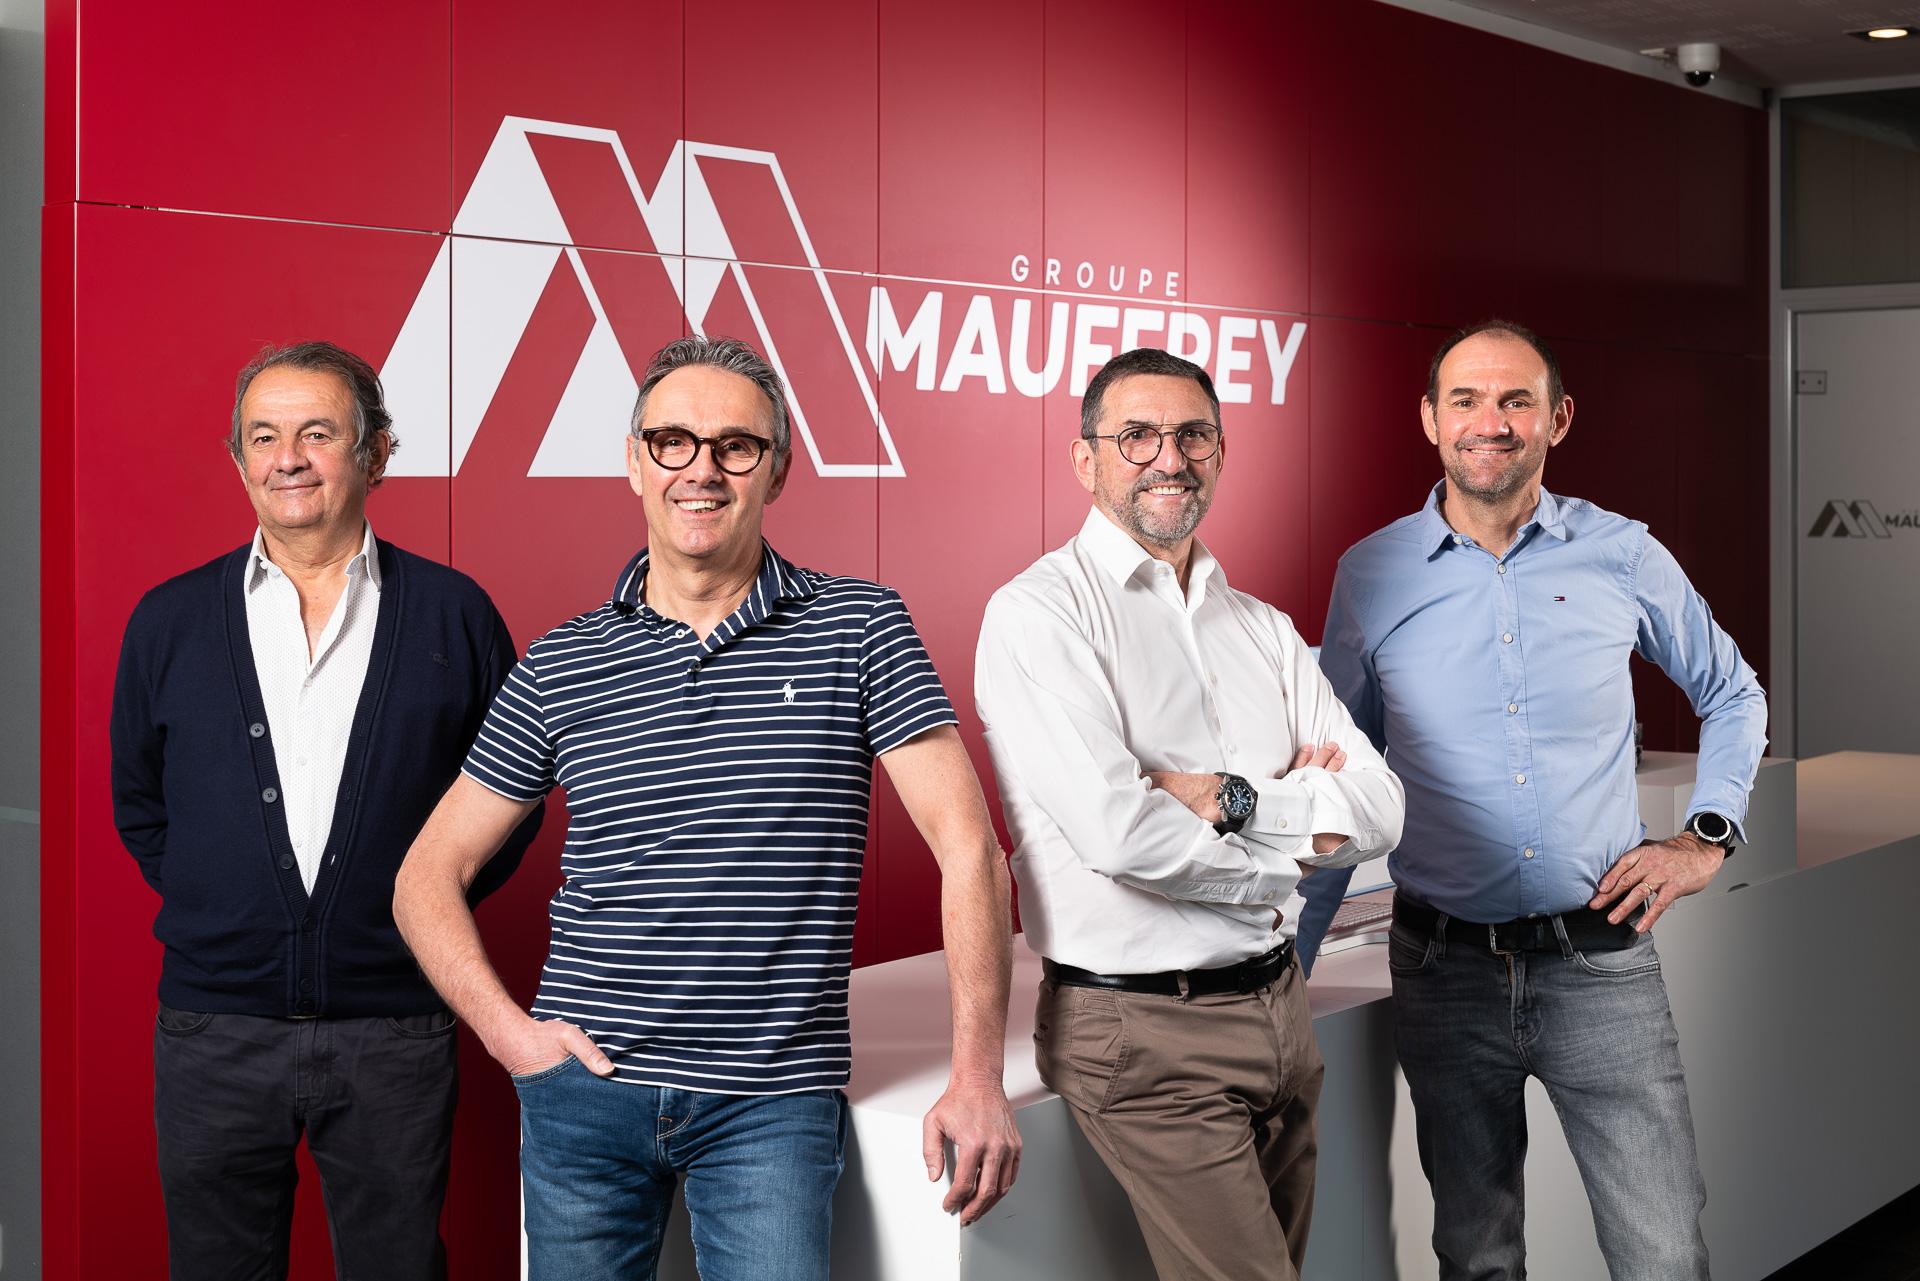 Groupe-Mauffrey-nos-valeurs-Nos-valeurs-Valeurs-familiales